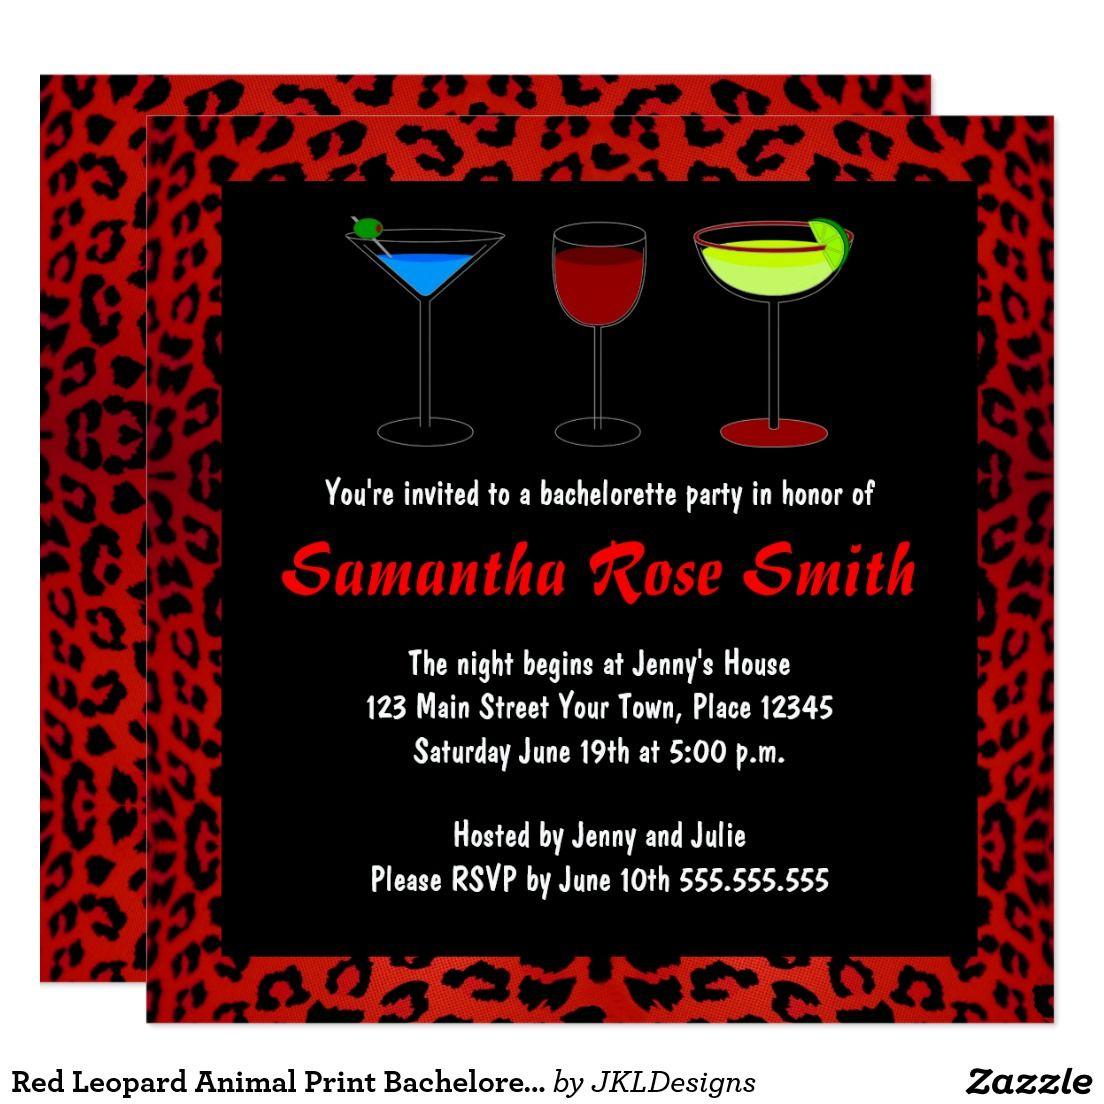 Red Leopard Animal Print Bachelorette Party Invite | Bachelorette ...